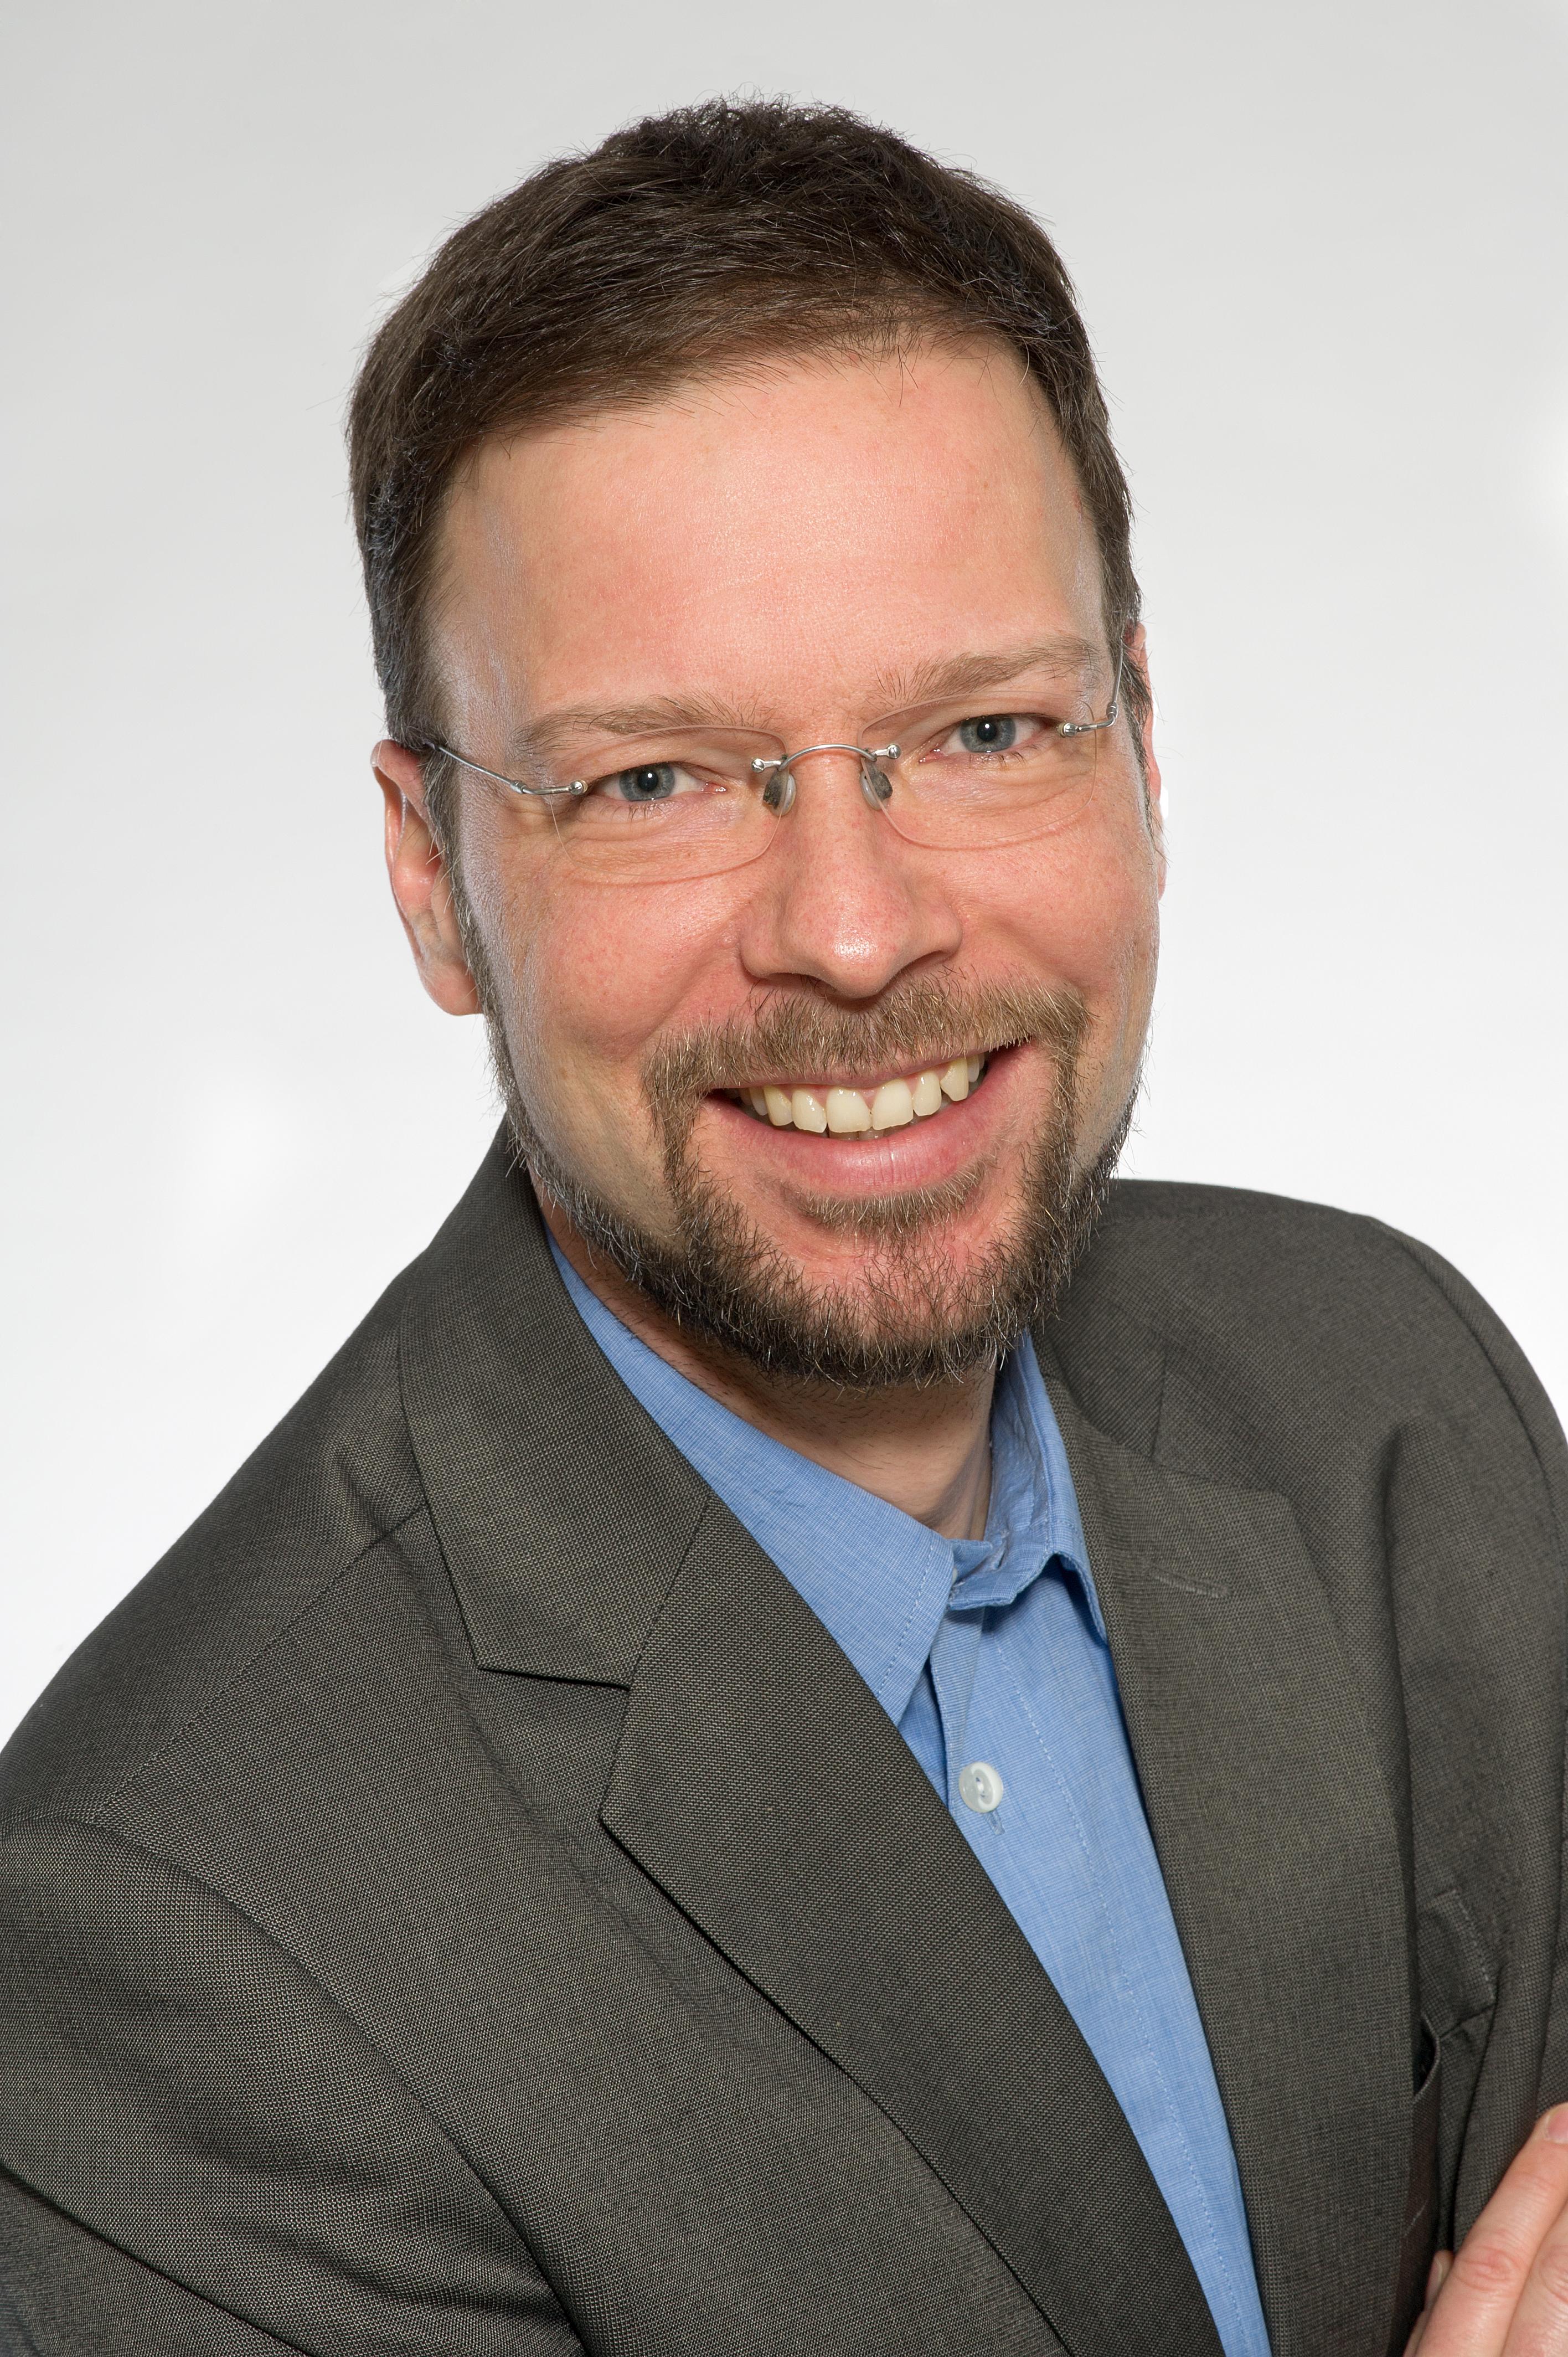 Thomas Nitsche wuchs im thüringischen Zeulenroda auf, ist verheiratet und hat zwei Kinder. Der promovierte Politikwissenschaftler ist Mitglied der FDP und seit 2018 Oberbürgermeister der Stadt Jena.